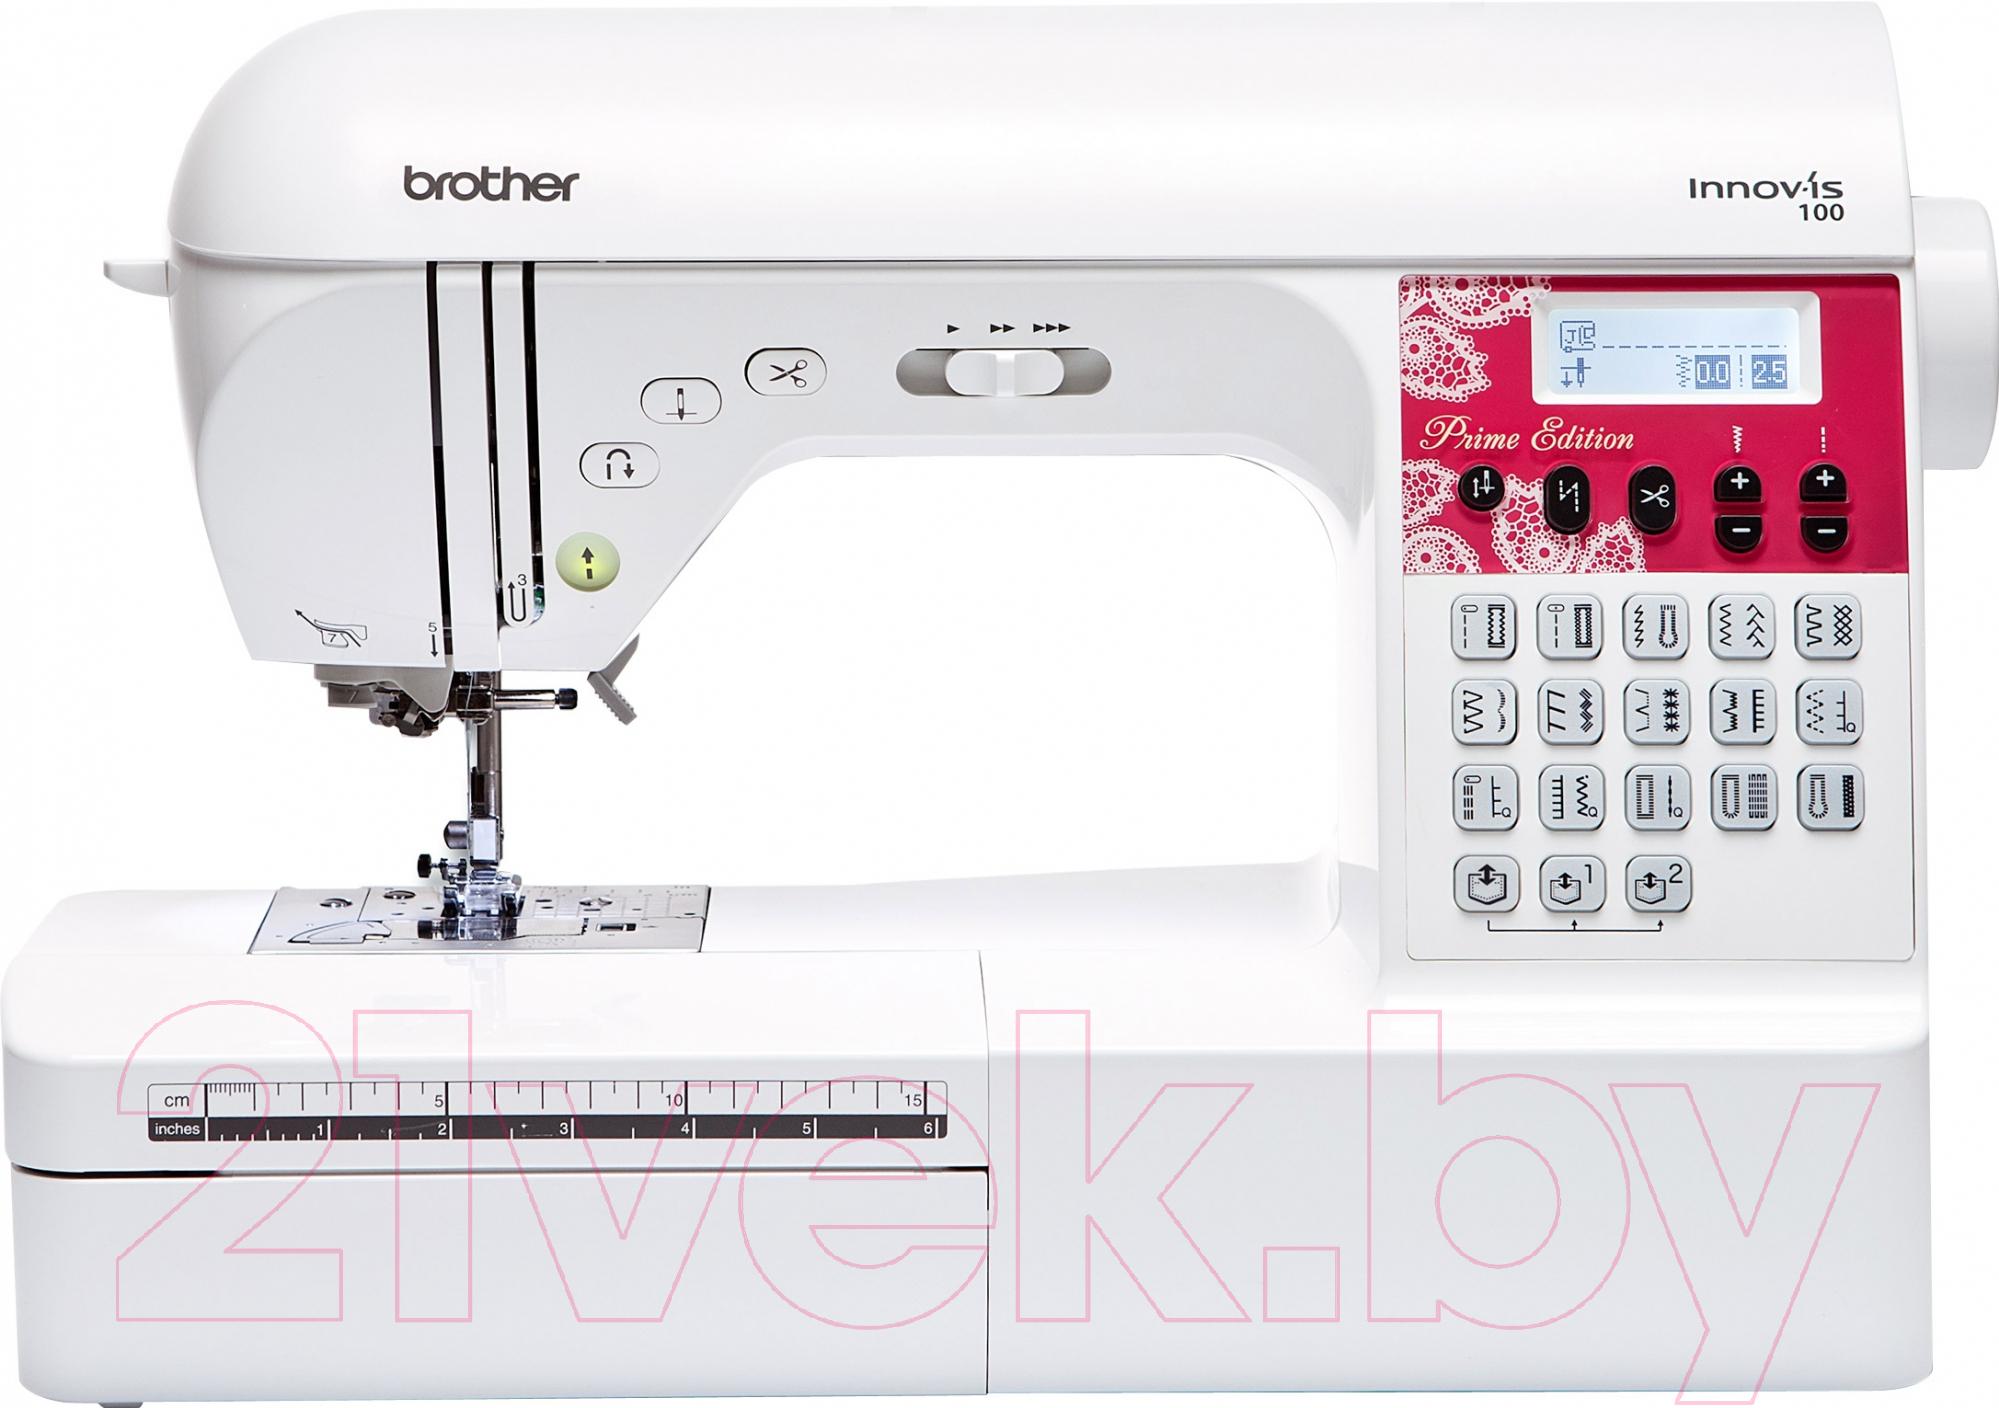 Купить Швейная машина Brother, Innov-is 100, Китай